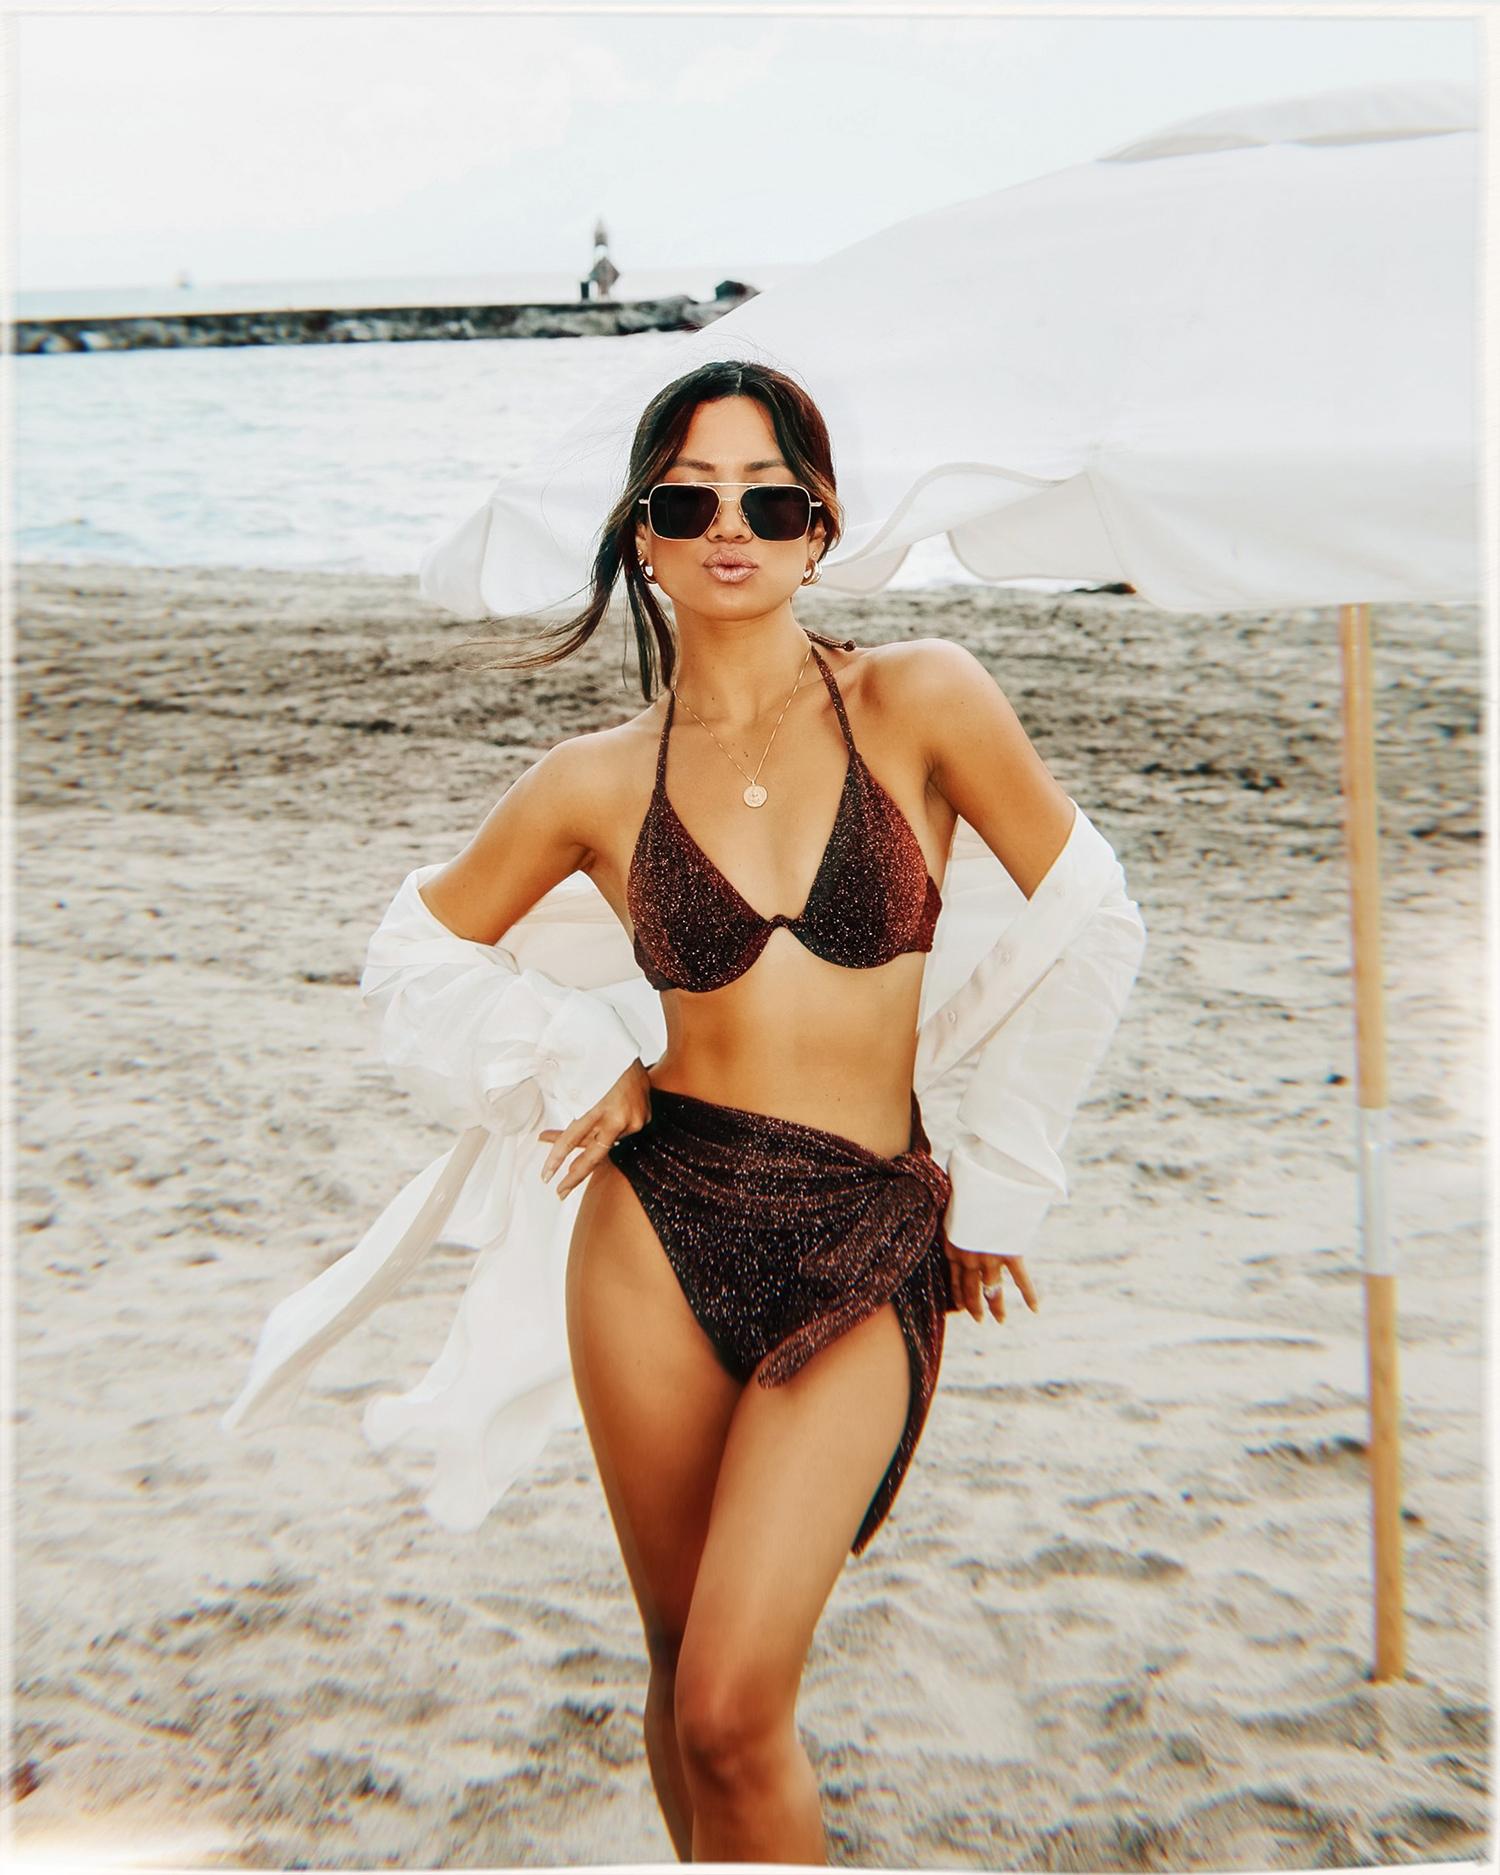 Jessi Malay bikini miami